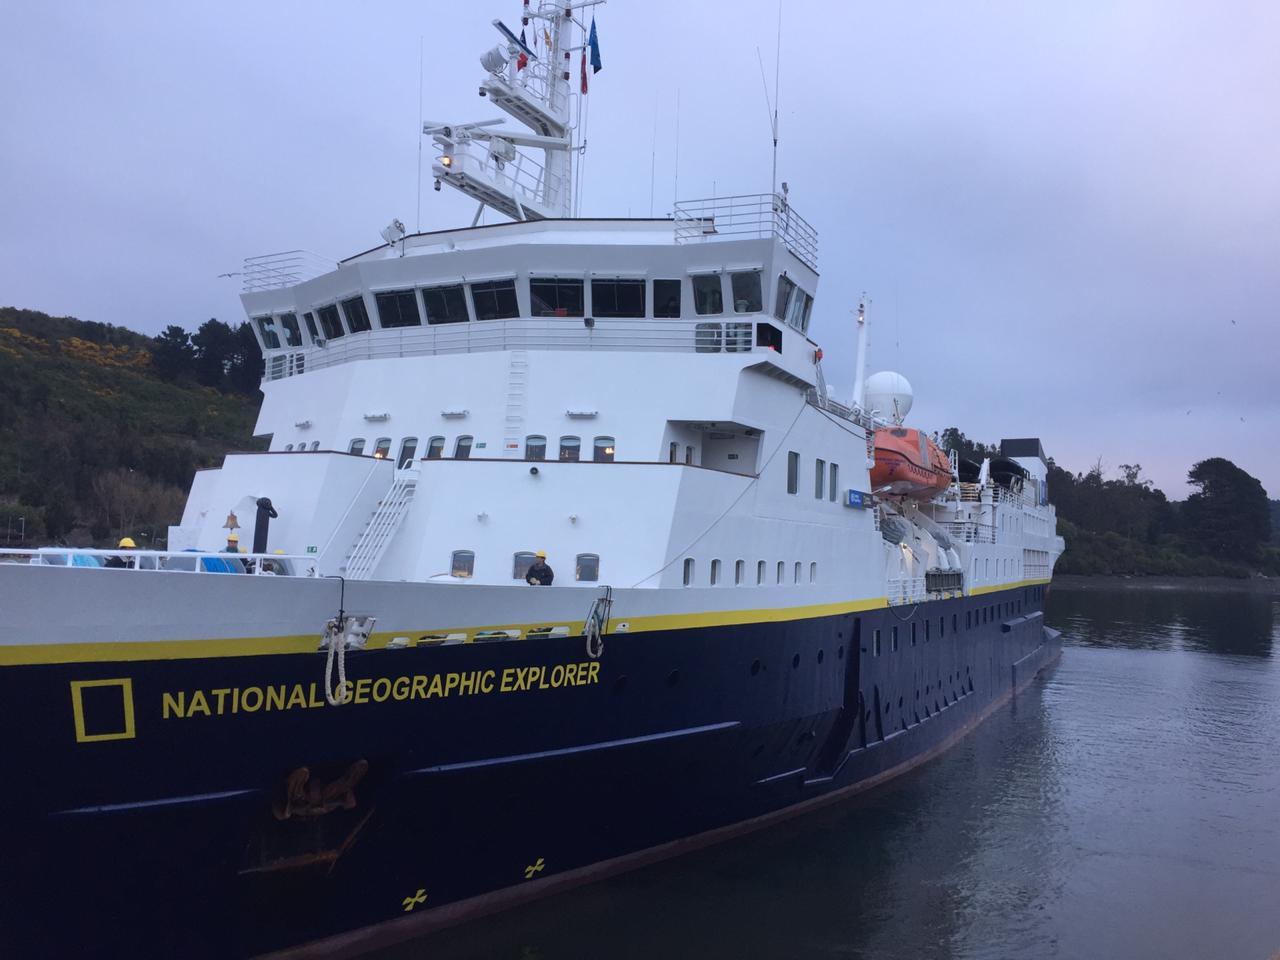 Galería: Puerto Montt comienza temporada de cruceros con recalada de National Geographic Explorer